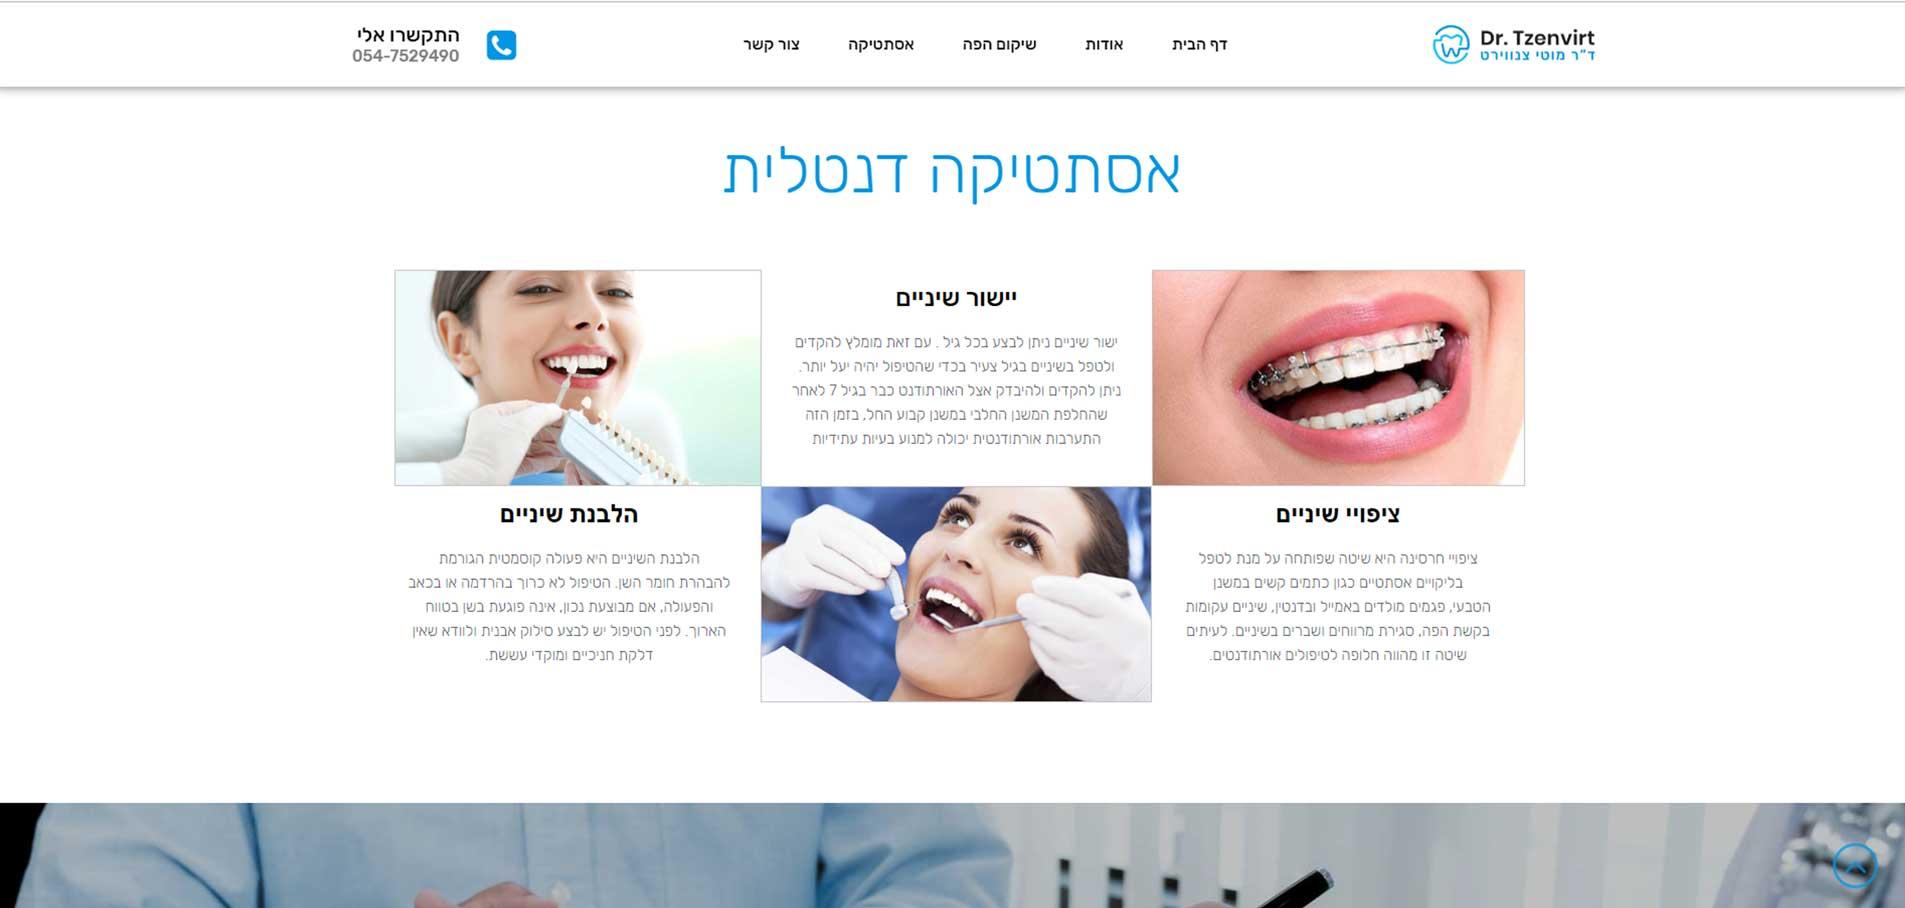 details about DR. TZENVIRT Esthetic treatment